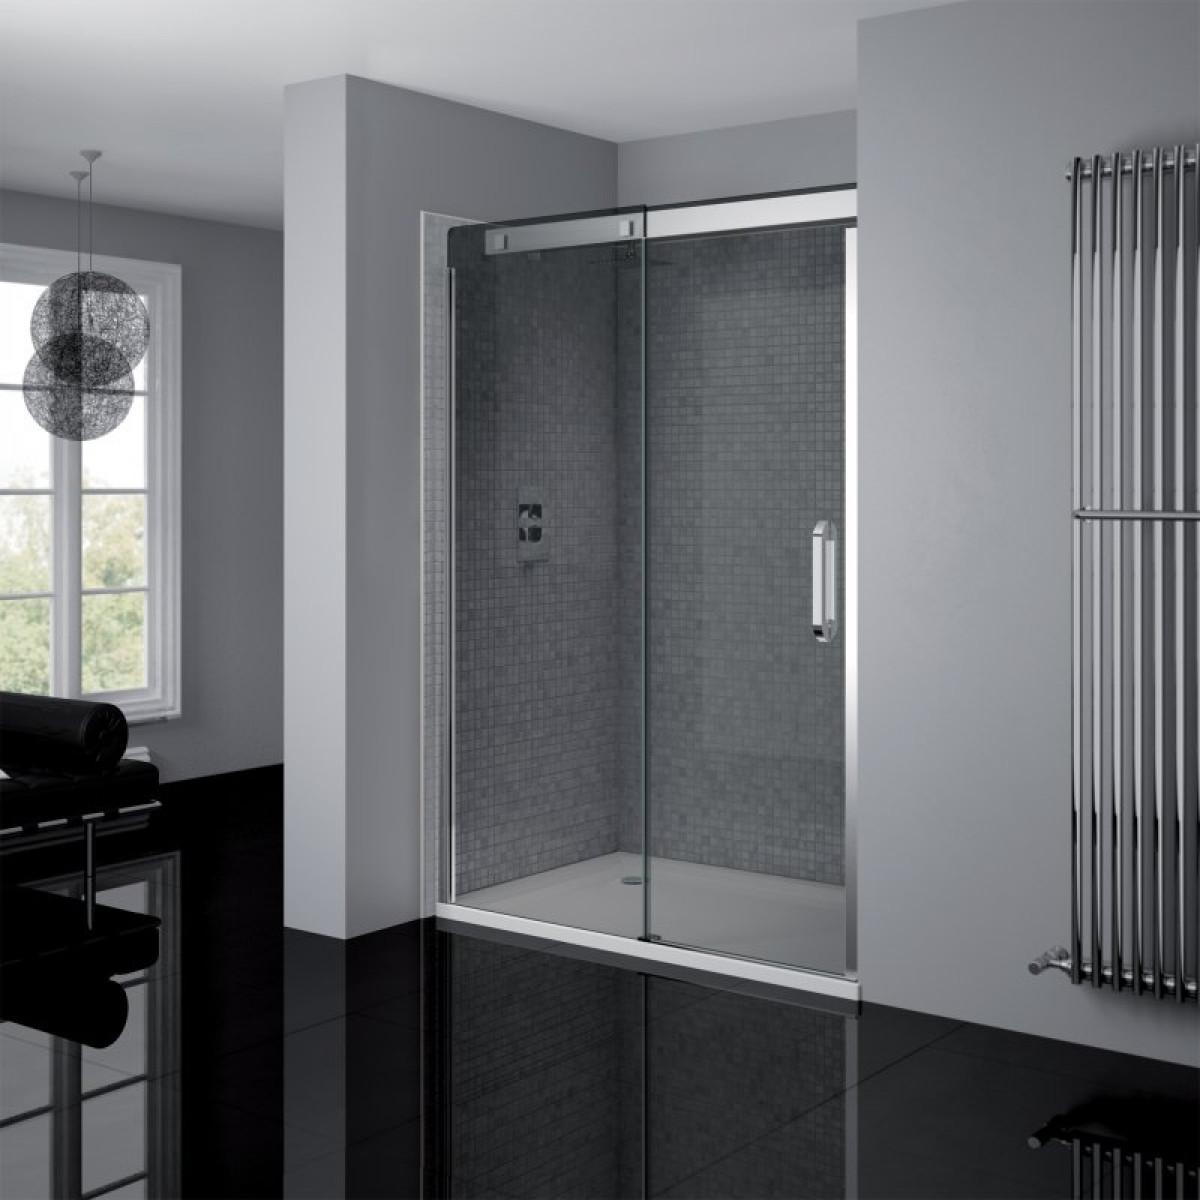 April Prestige Frameless 1200mm Smoked Glass Sliding Door Ap8802l Smk